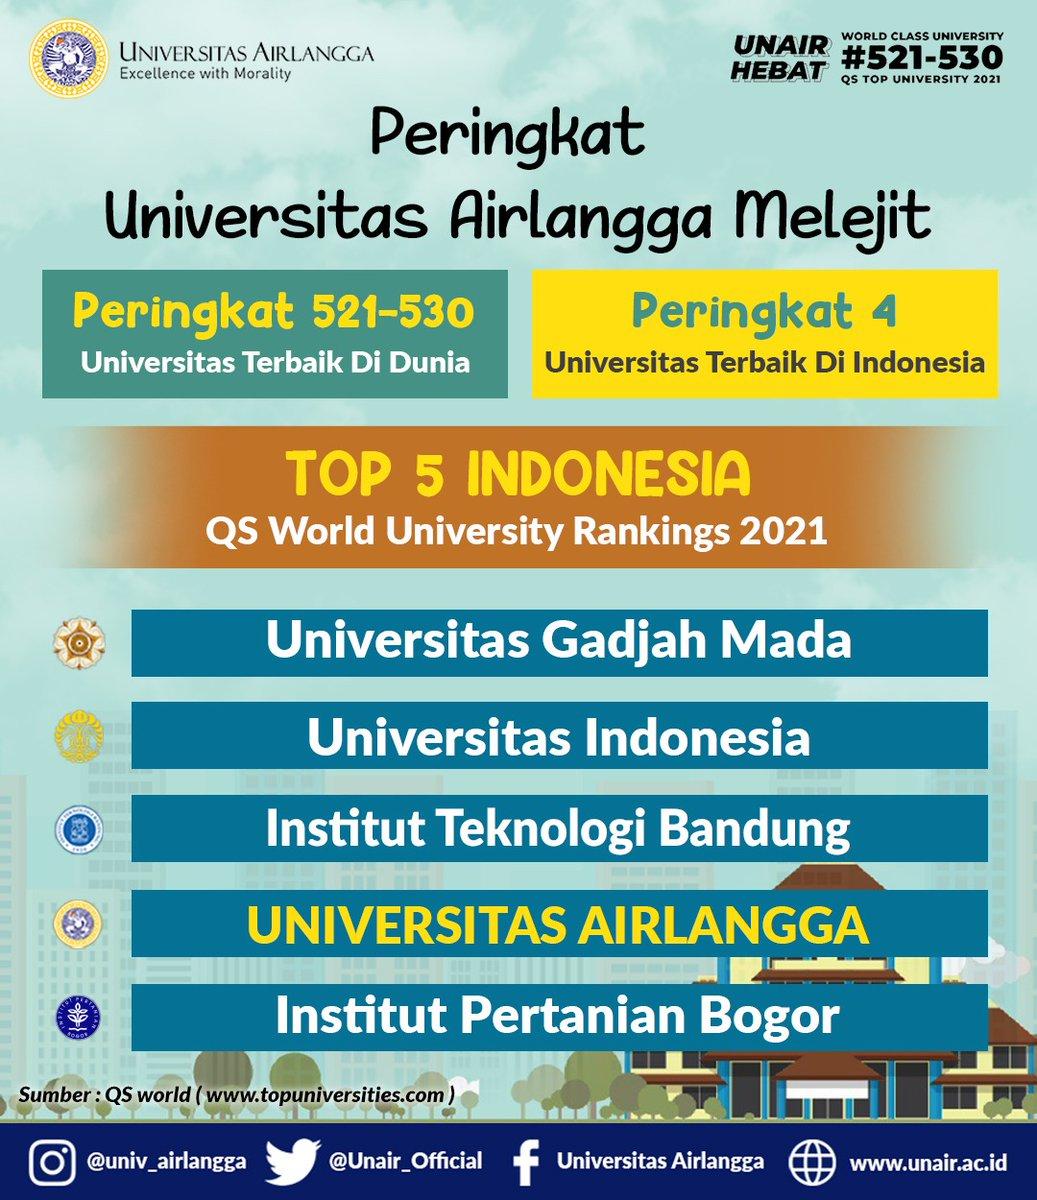 Universitas Airlangga Unair Official Twitter